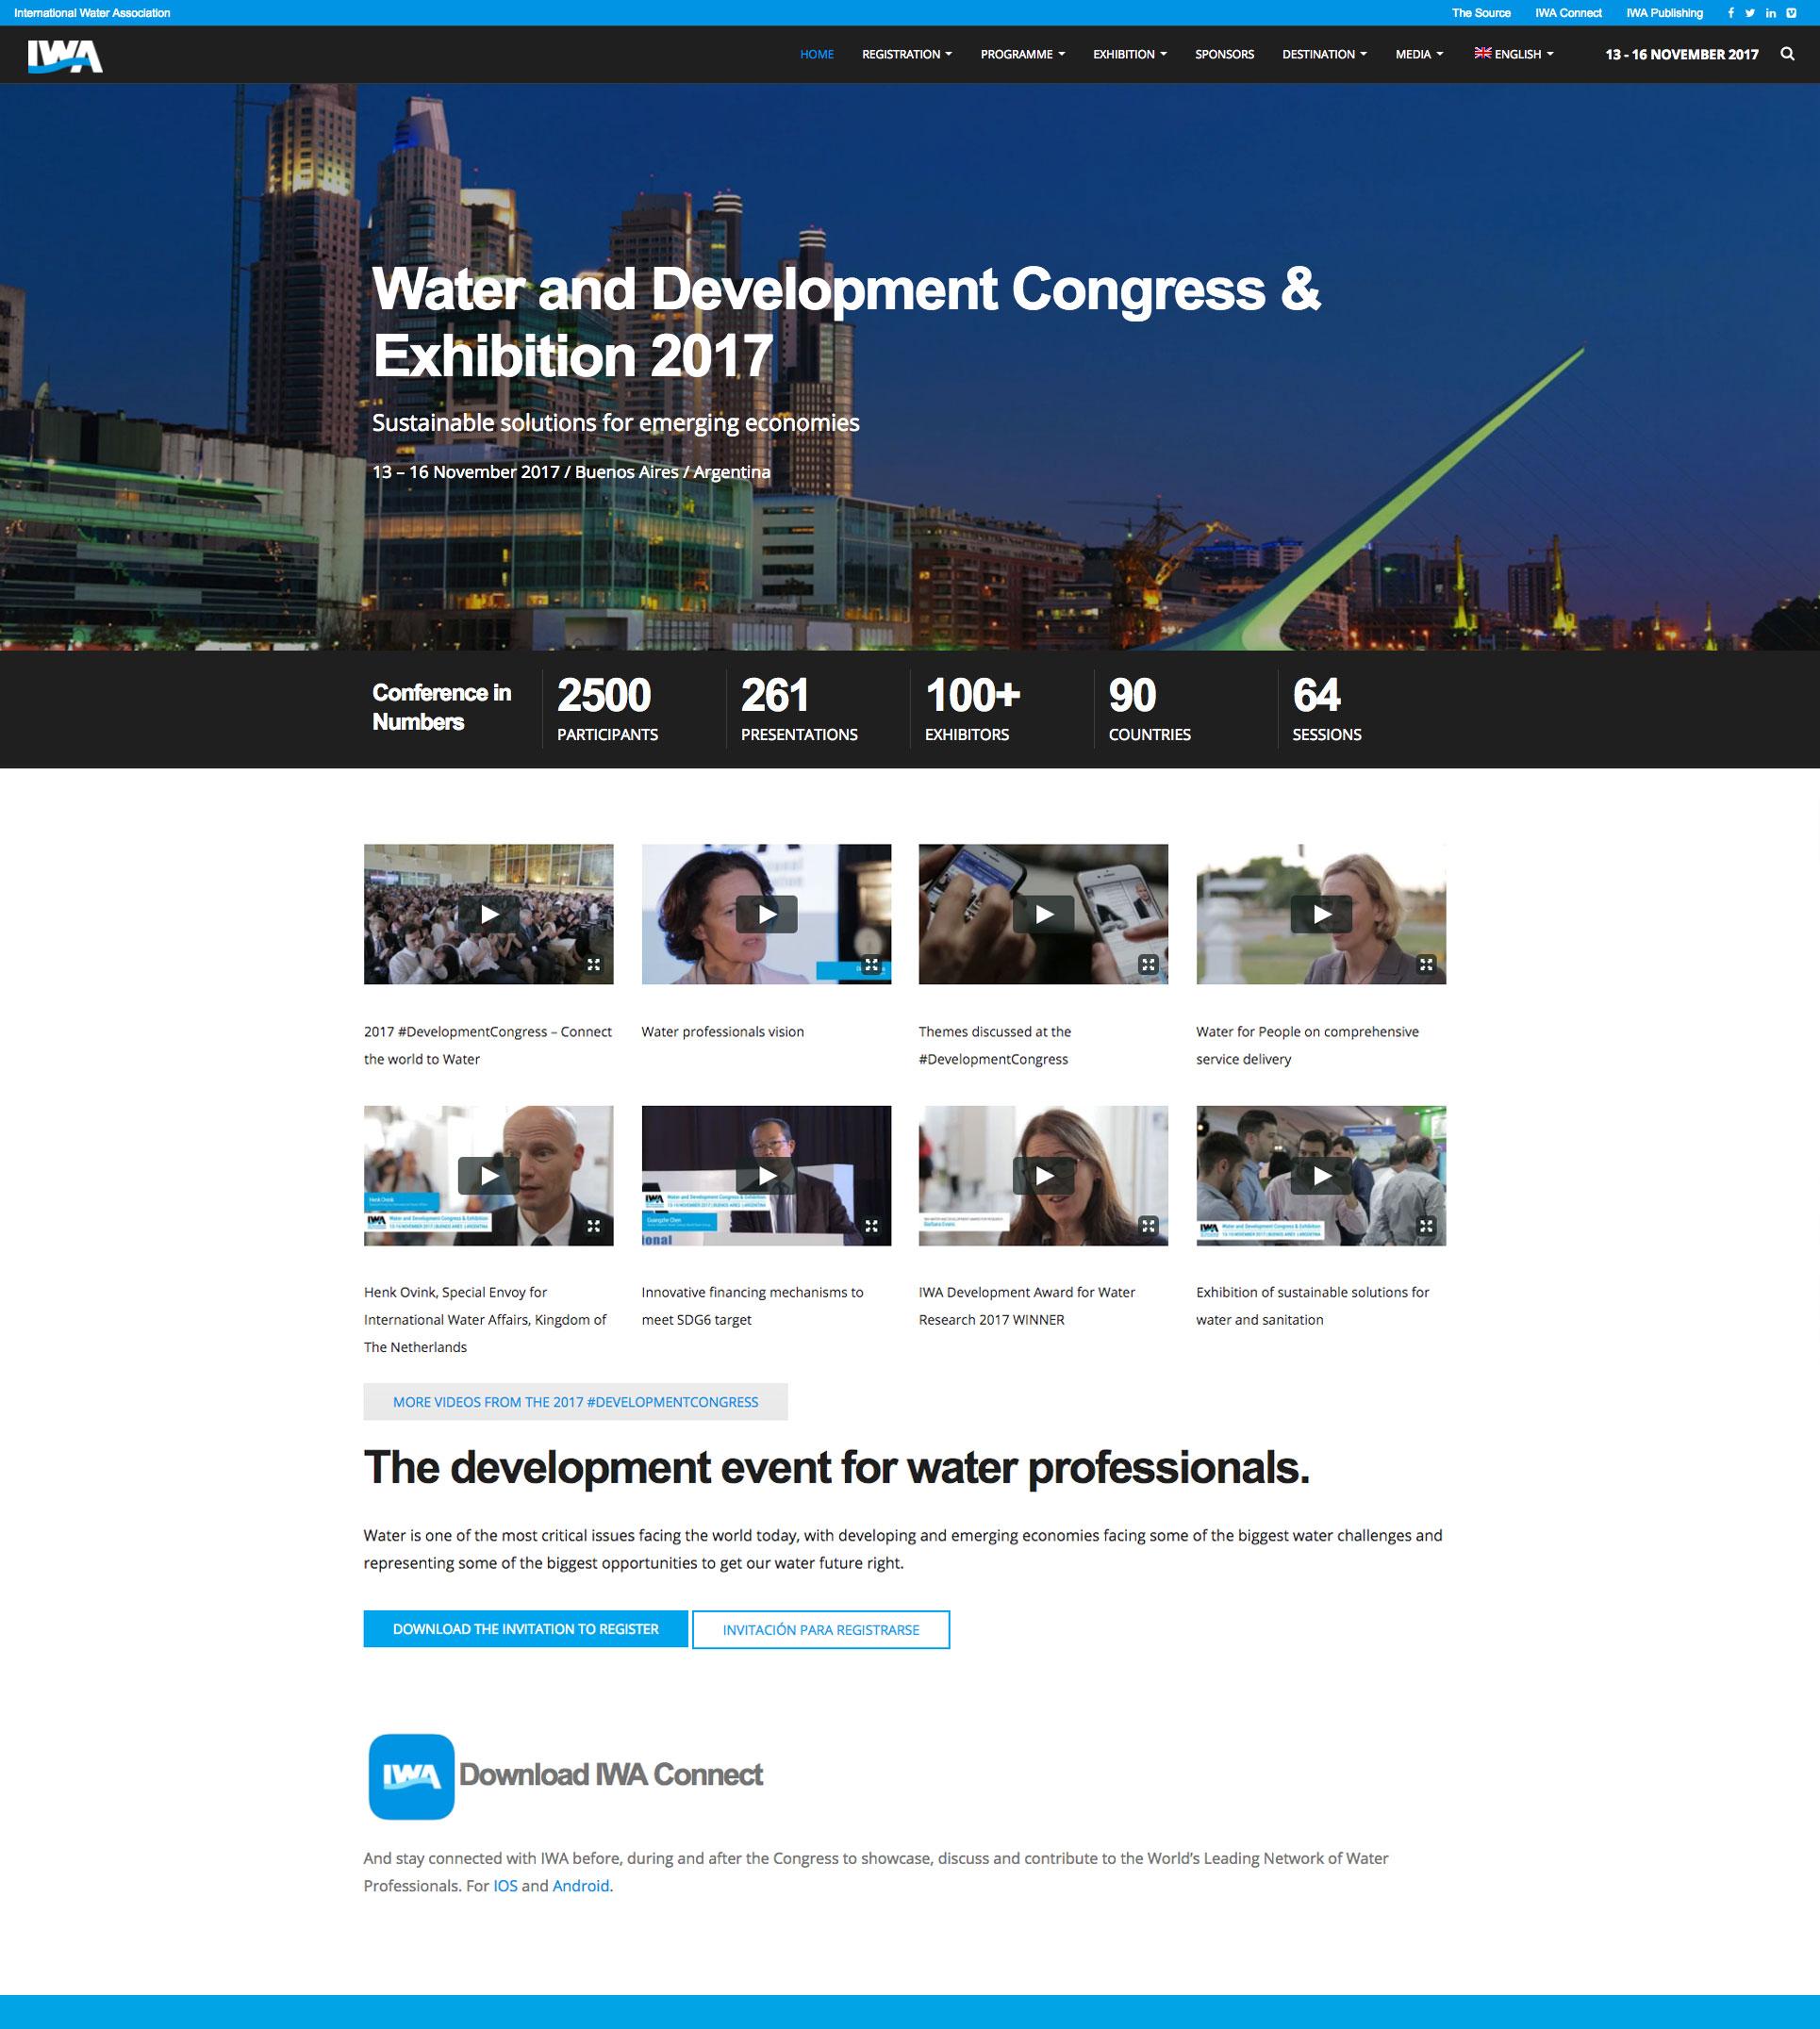 waterdevelopmentcongress.org